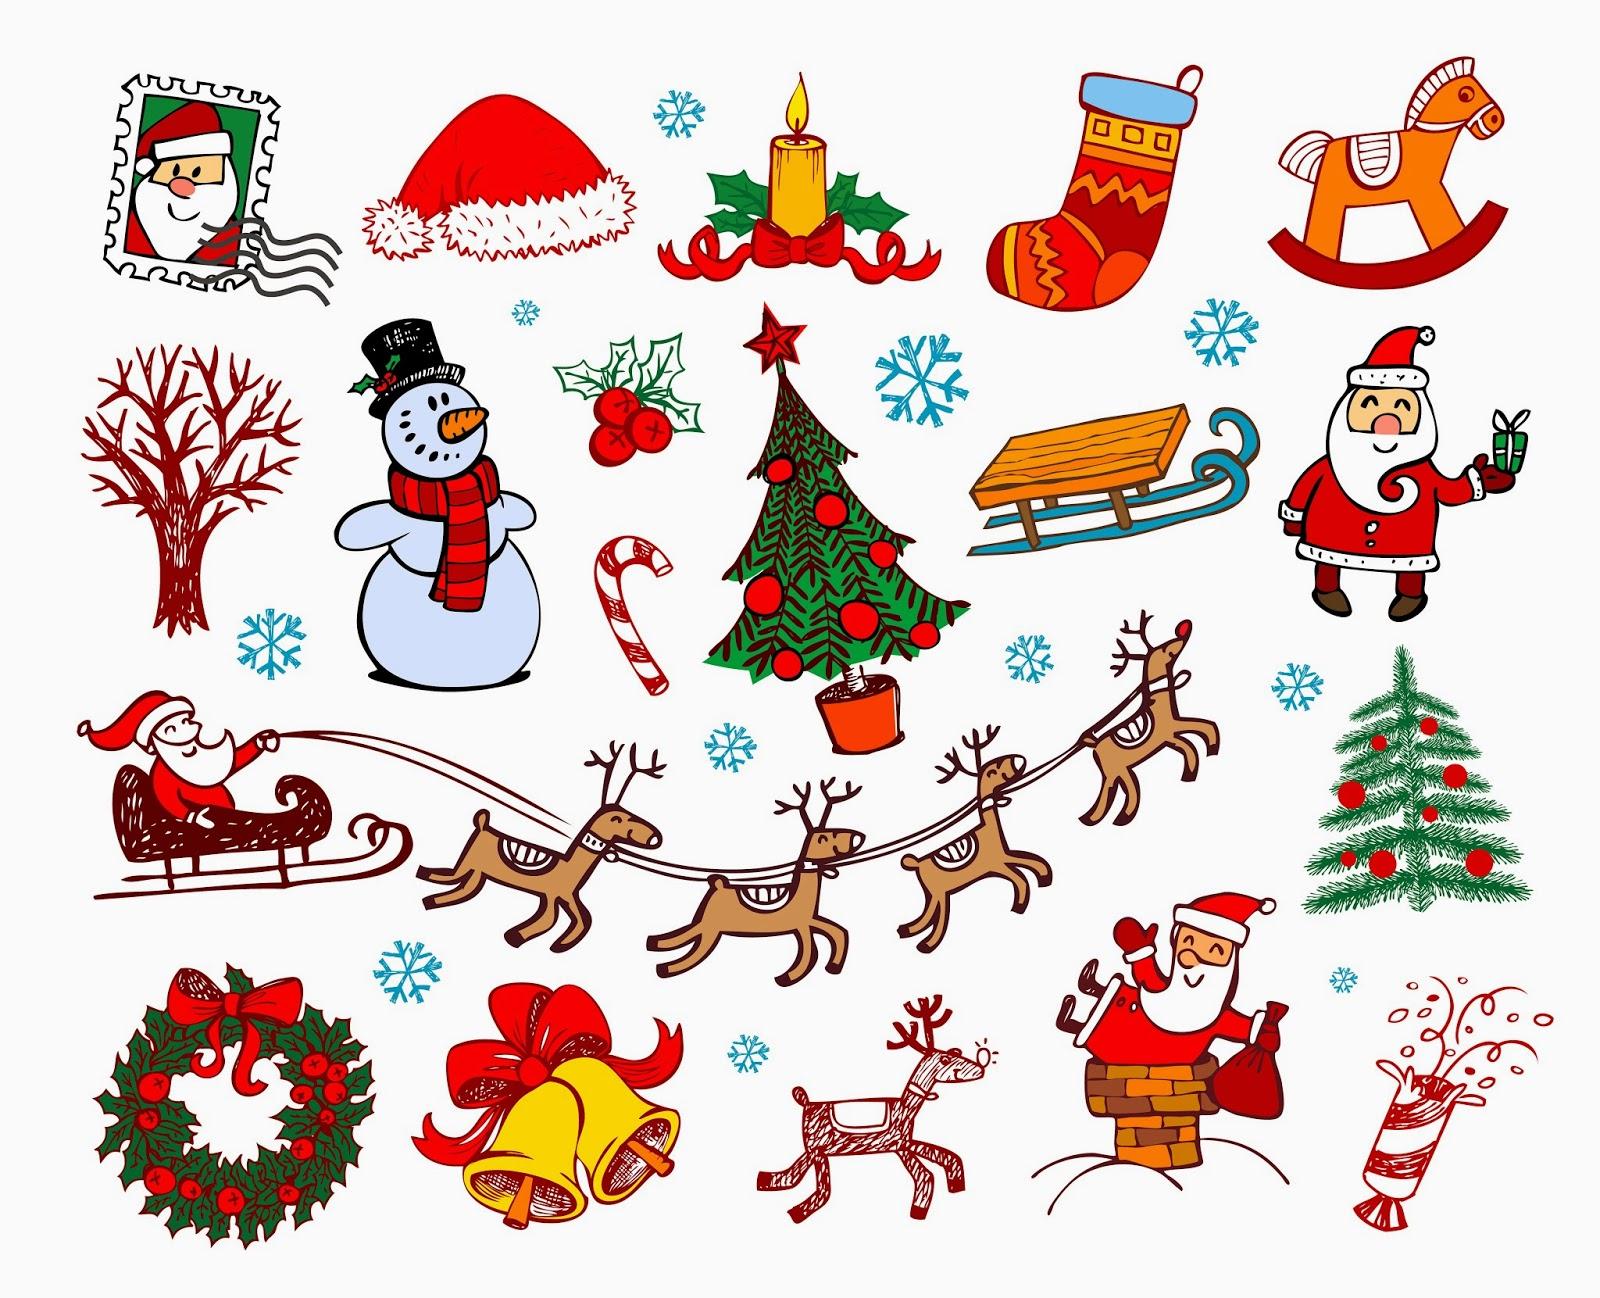 Tarjetas De Navidad Para Descargarimágenes Para Descargar: BANCO DE IMÁGENES GRATIS: Más De 20 Adornos Navideños Para